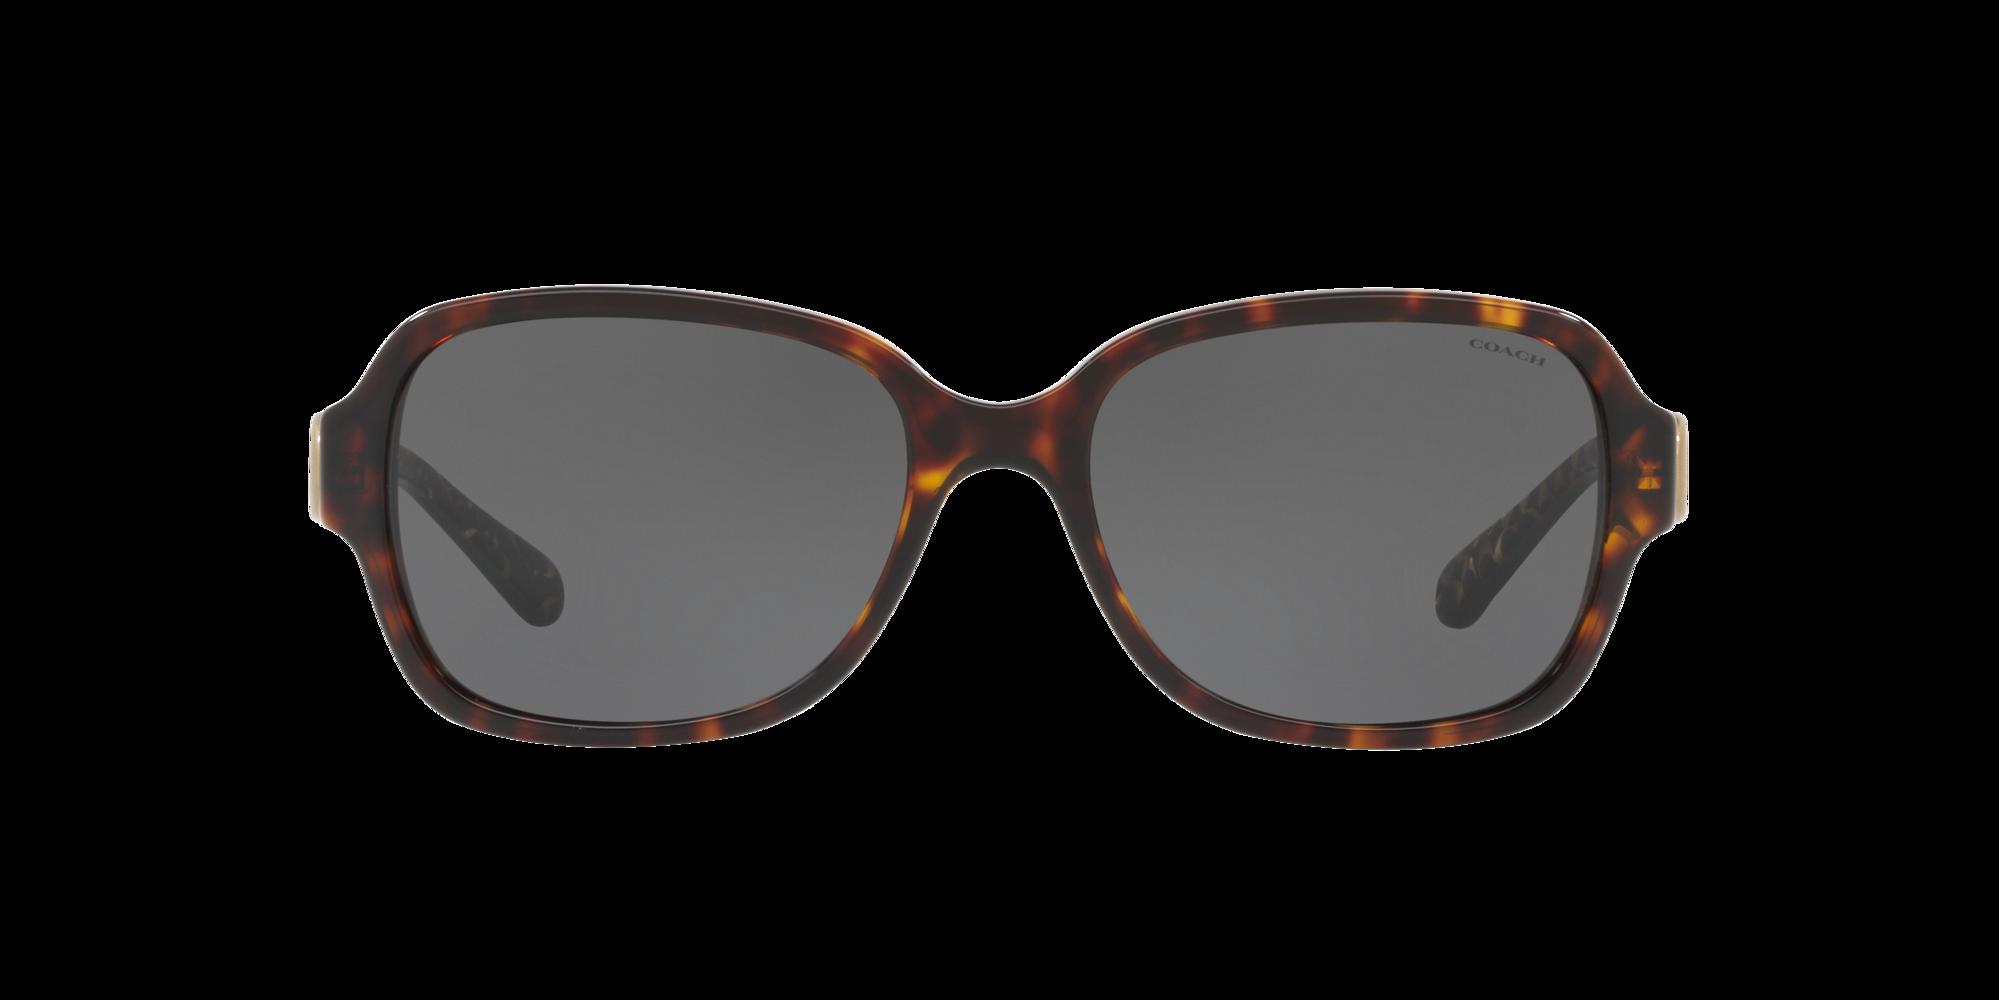 Imagen para HC8241 57 L1031 de LensCrafters    Espejuelos, espejuelos graduados en línea, gafas